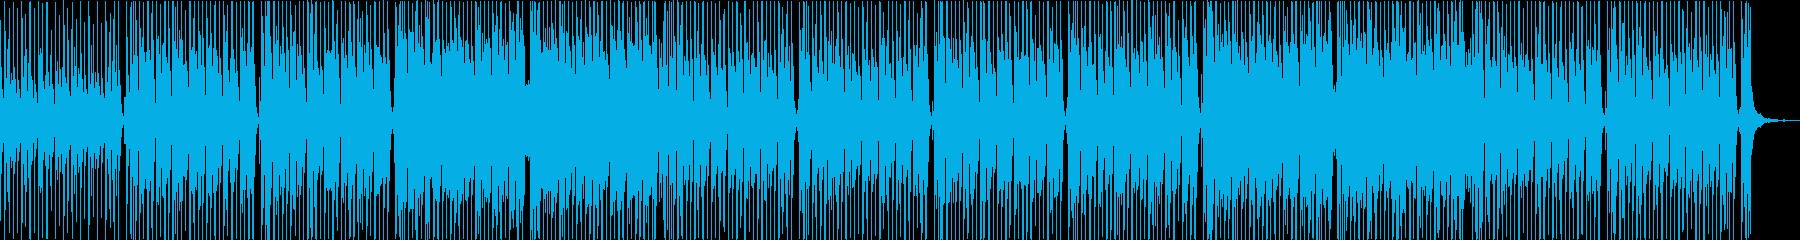 コミカルで可愛いアップテンポなポップスの再生済みの波形